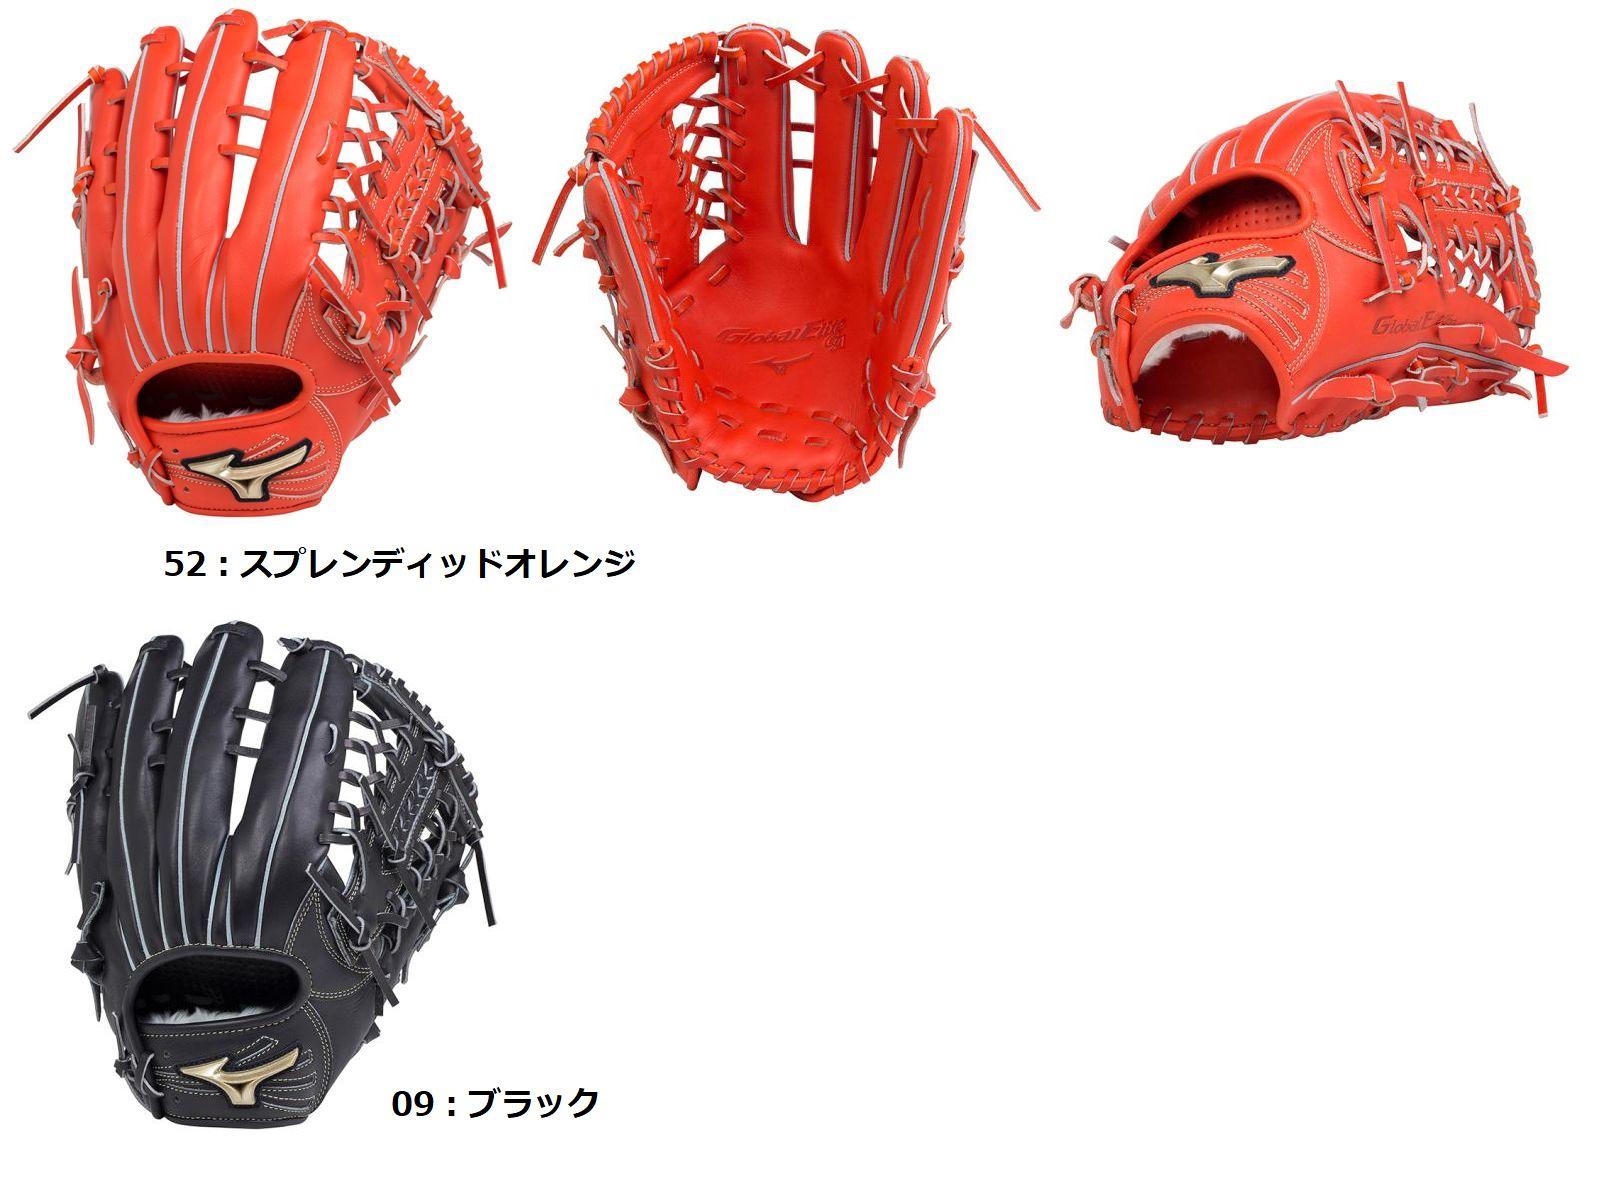 【Mizuno Global Elite=ミズノグローバルエリート】【Hselection02】野球 ソフトボール(1号・2号・3号) ゴールデンエイジ軟式用 グラブ グローブ【外野手用/サイズGA13】(10~14歳向け)【カラー:2色展開】(右投用/左投用)